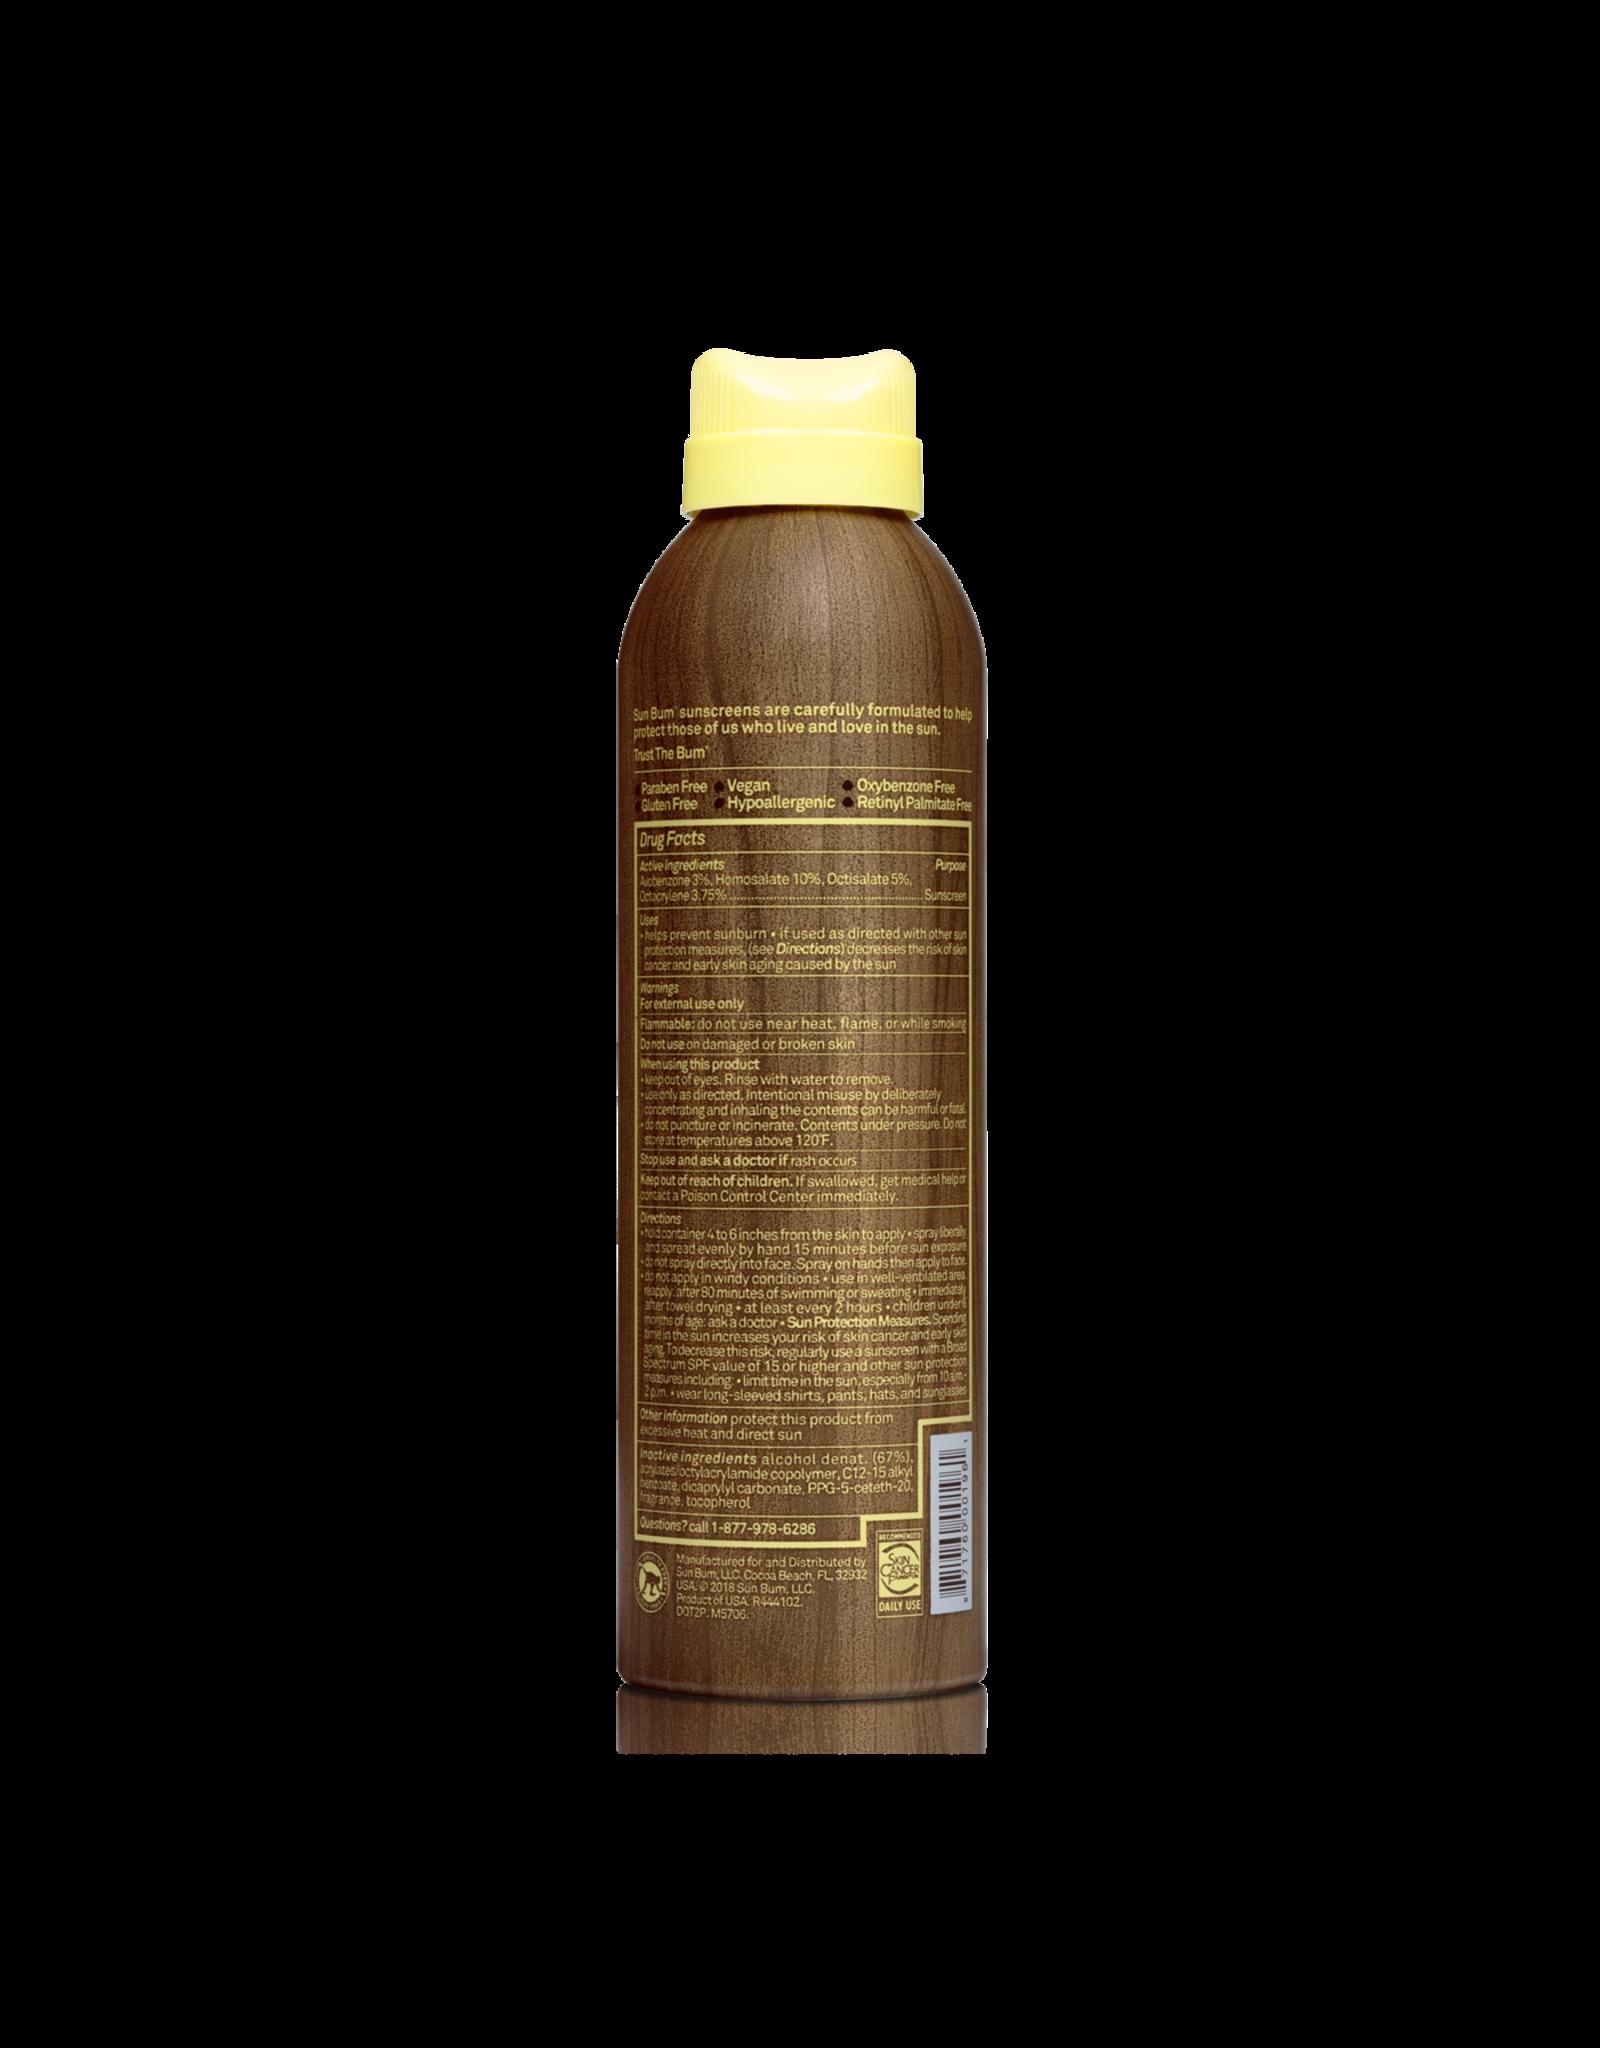 Sun Bum Continuous Spray 30